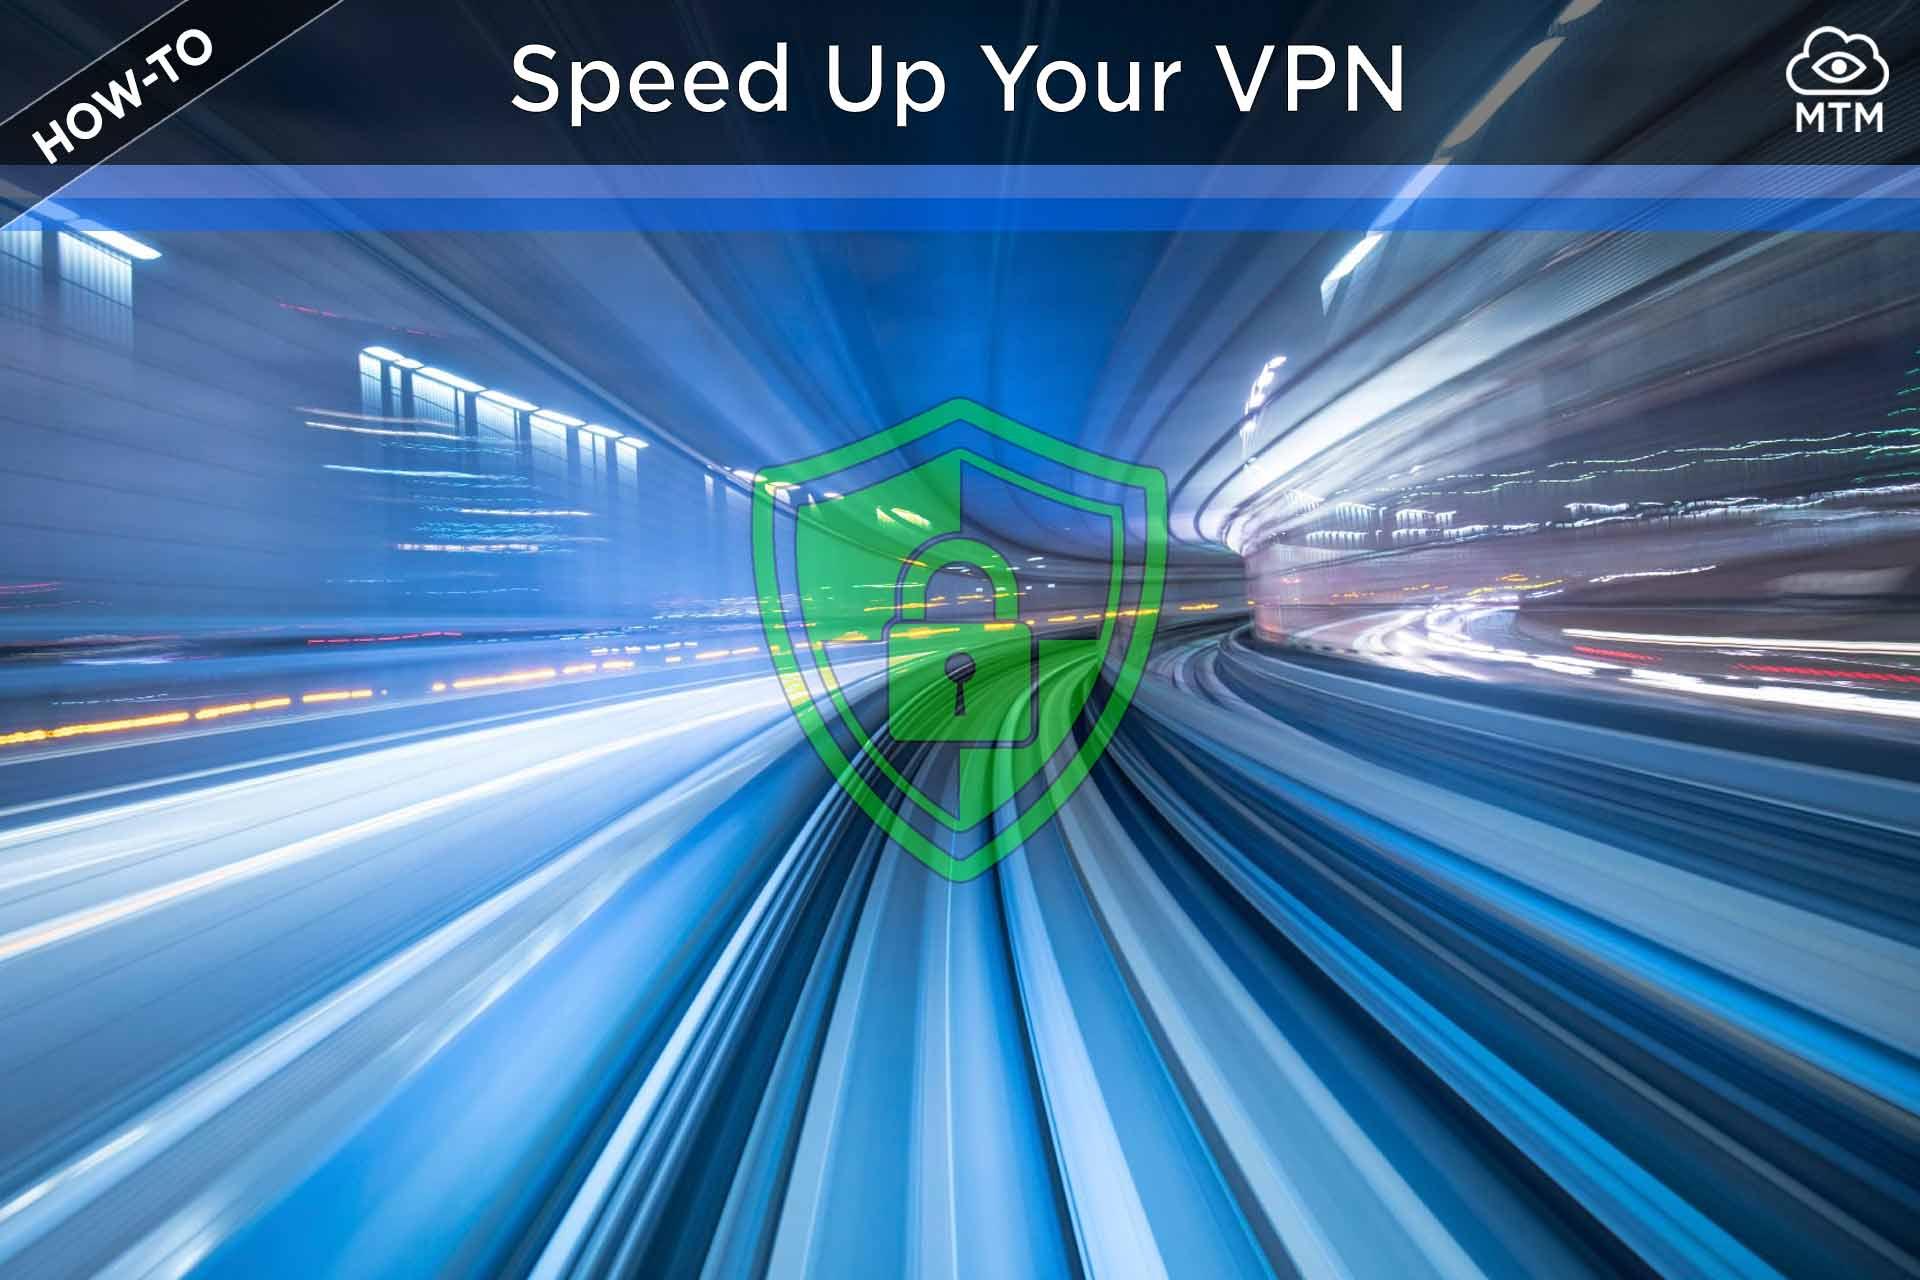 Nola bizkortu bideo bidezko streaming bidezko enkriptatutako VPN konexio motela